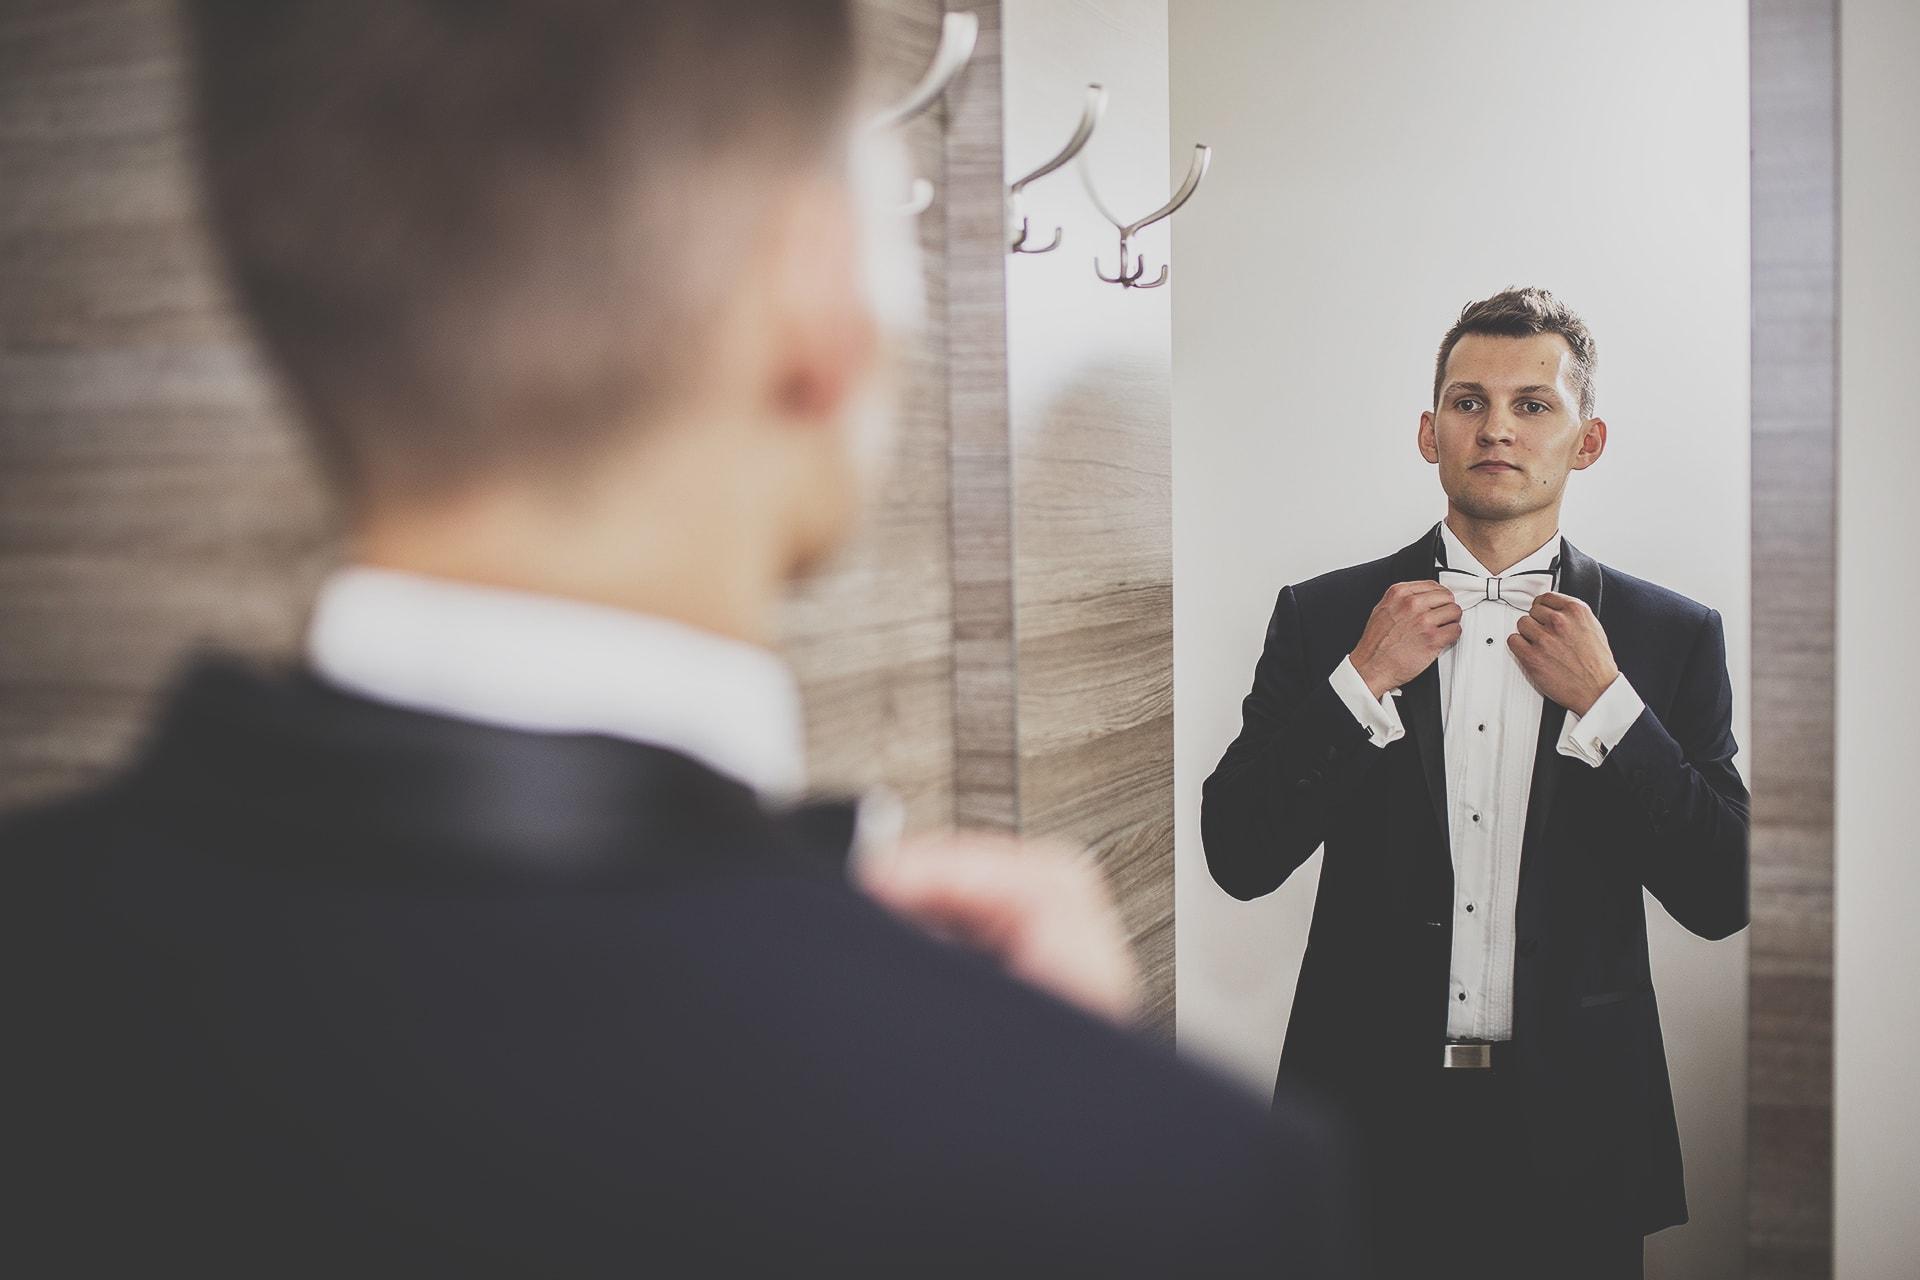 Przygotowania ślubne - pan młody przeglądający się w lustrze